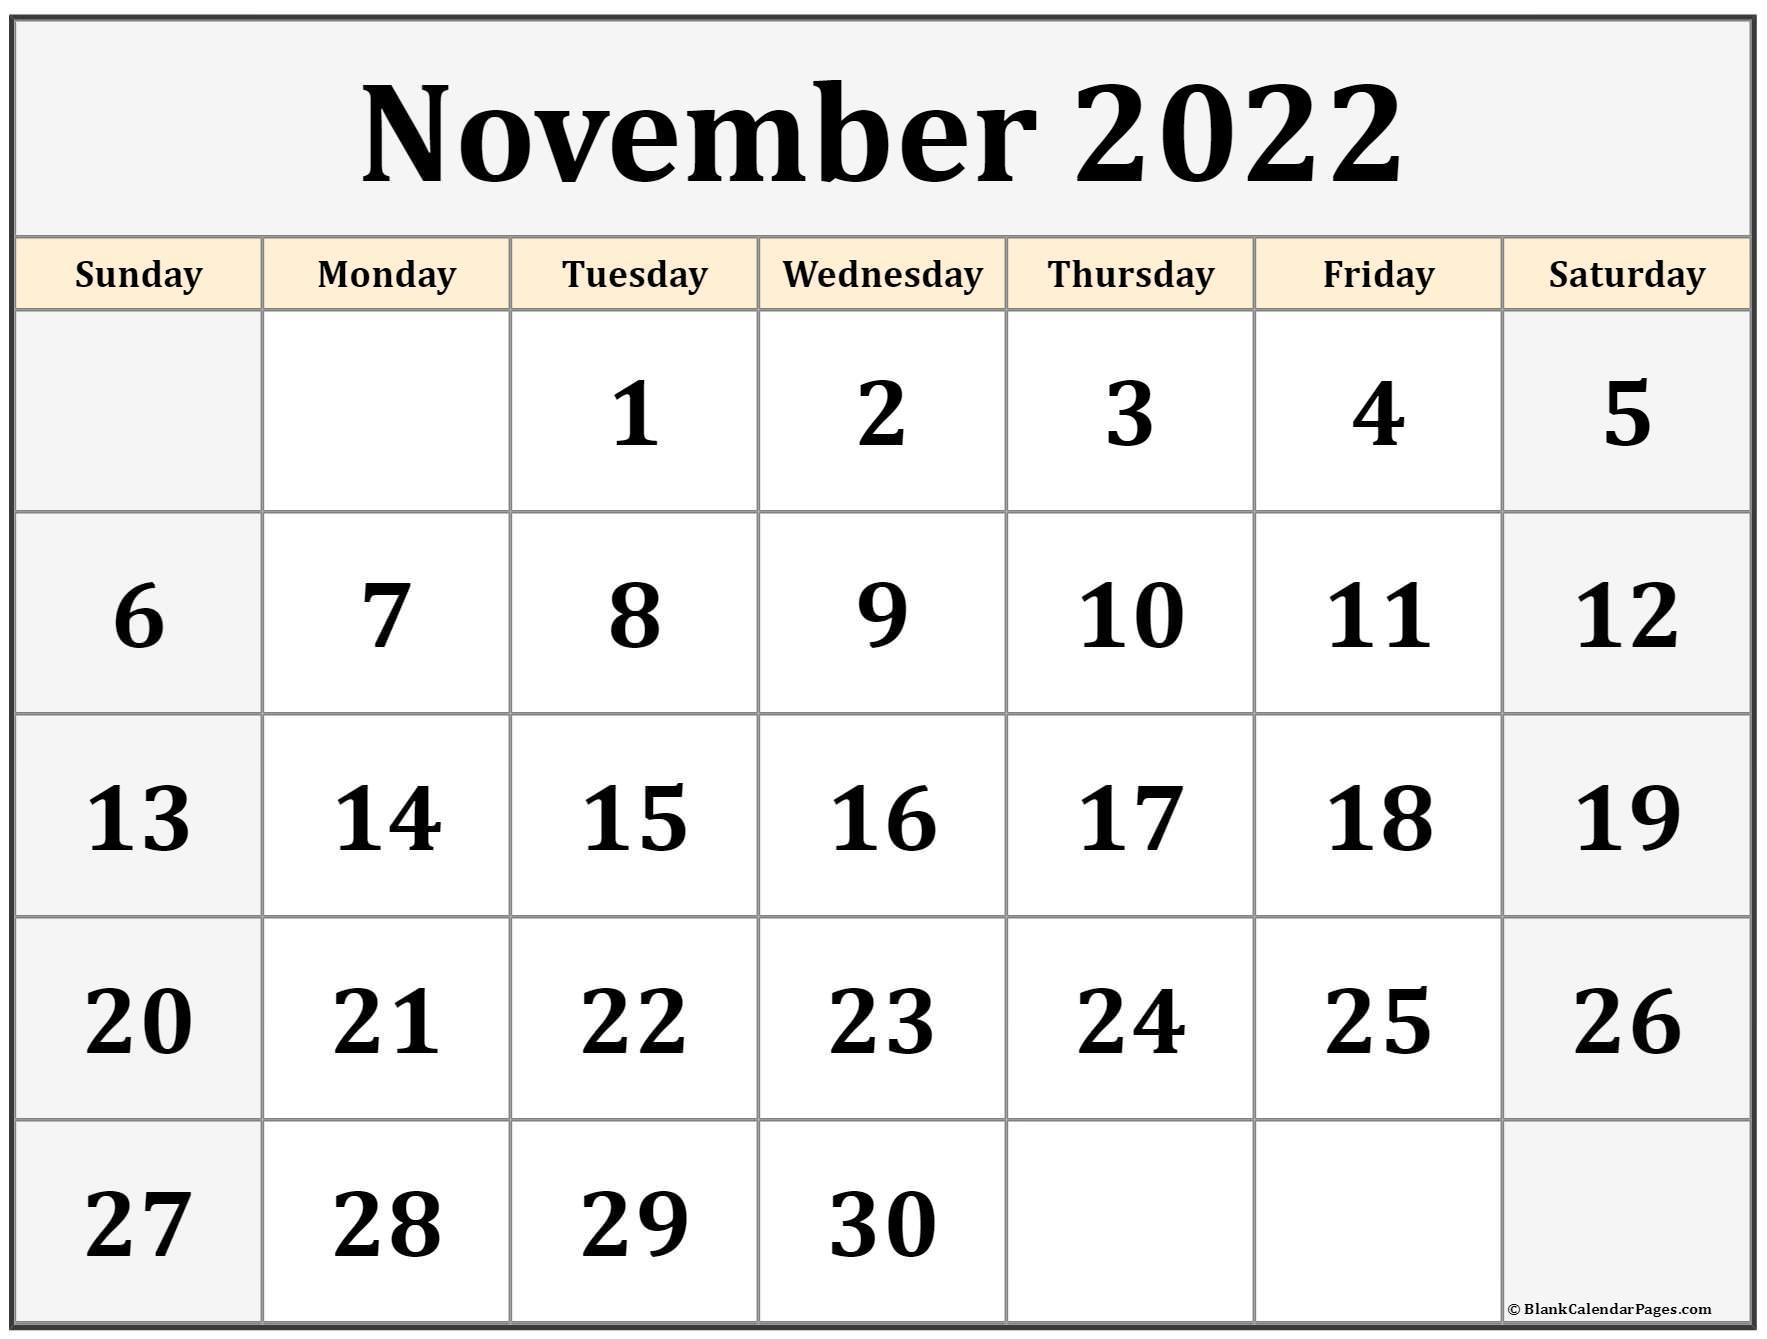 November 2022 calendar | free printable calendar templates